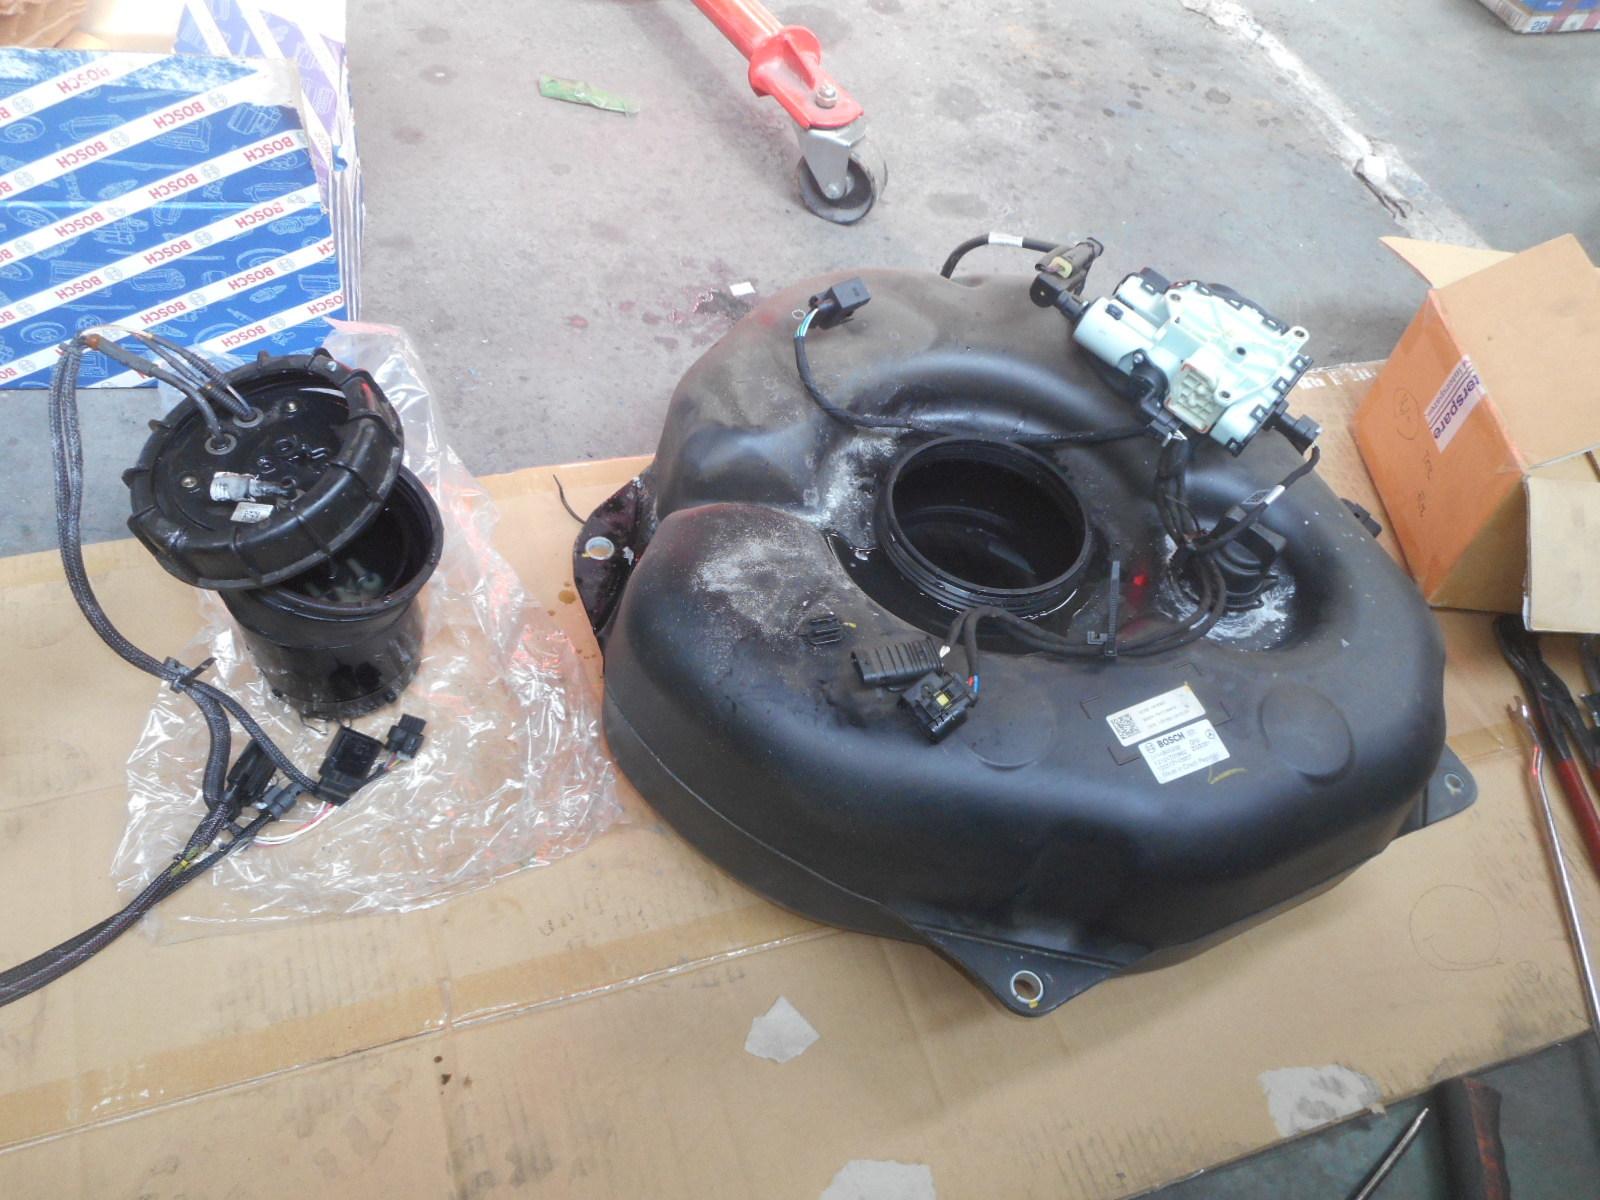 メルセデスベンツ E350ブルーテック(W212)エンジン警告灯点灯 整備(アドブルーユニット)_c0267693_17584697.jpg